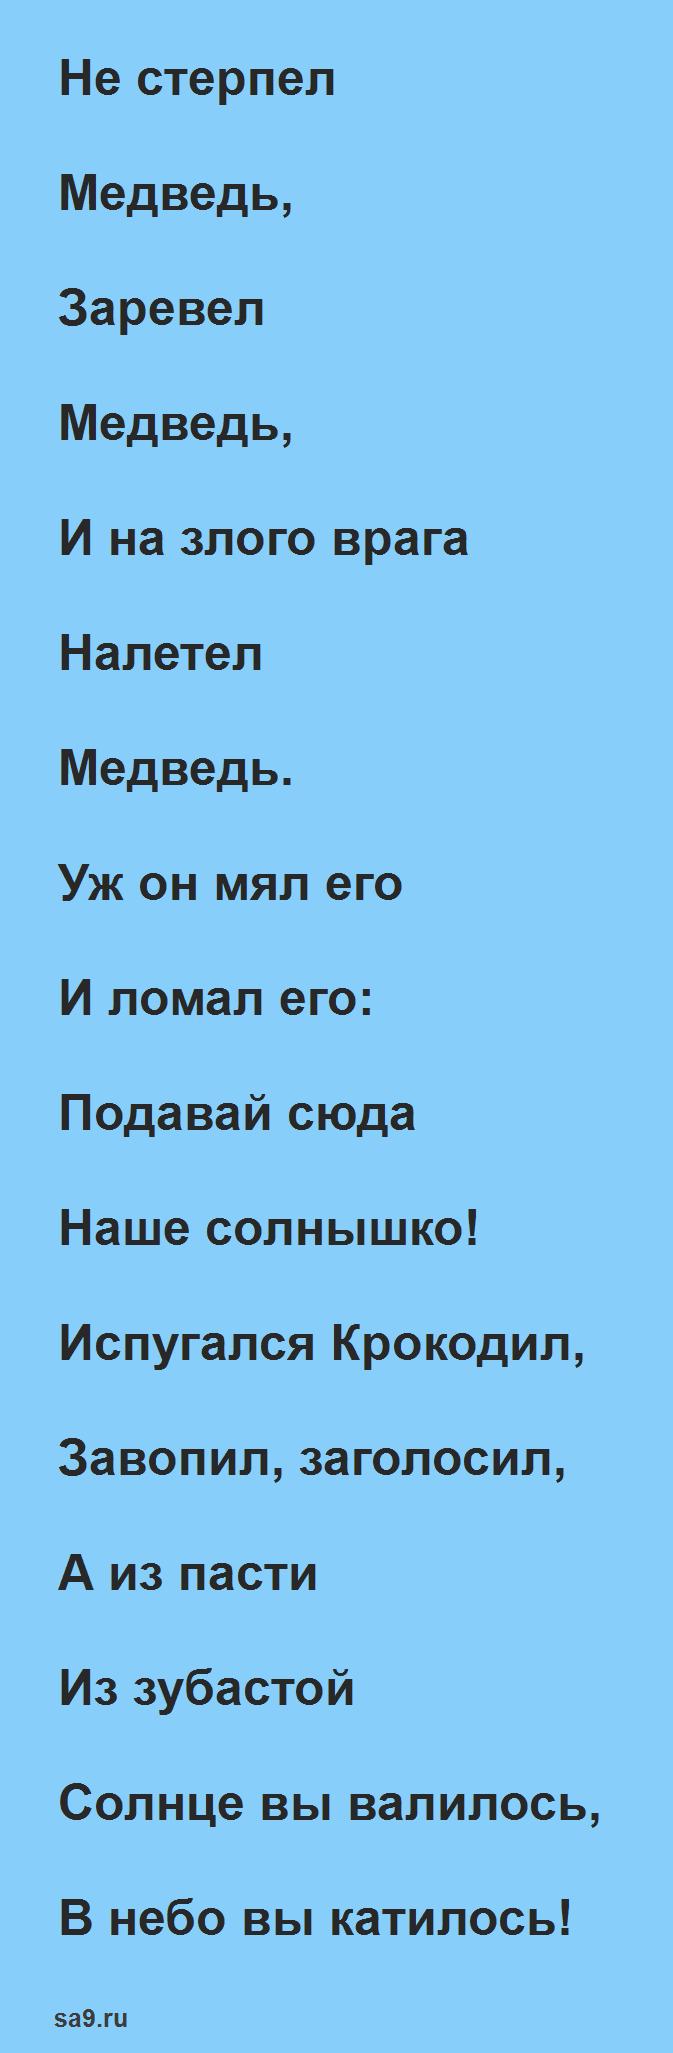 Сказка Чуковского для детей 'Краденое солнце'